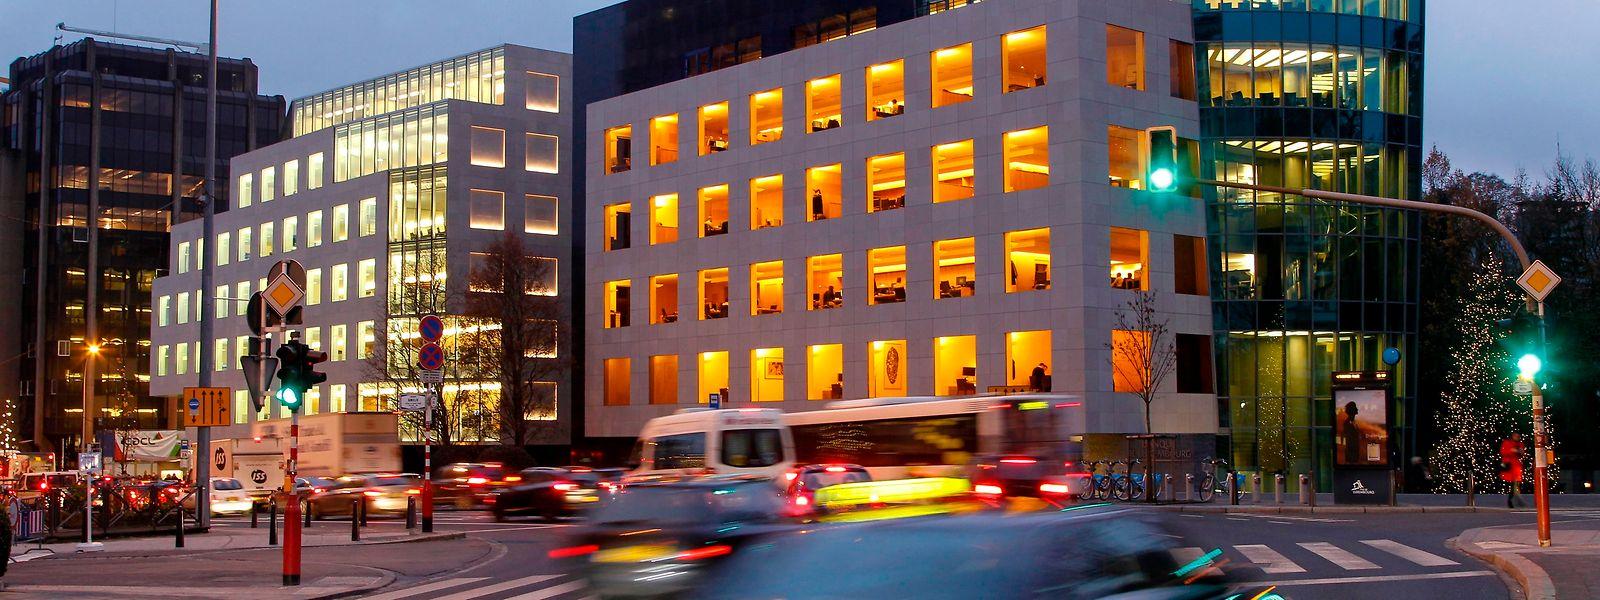 Évoquée en juin dernier par Claude Marx, l'idée d'un cadre spécifique pour le télétravail sur la Place se trouve toujours, pour l'heure, au stade de discussions.